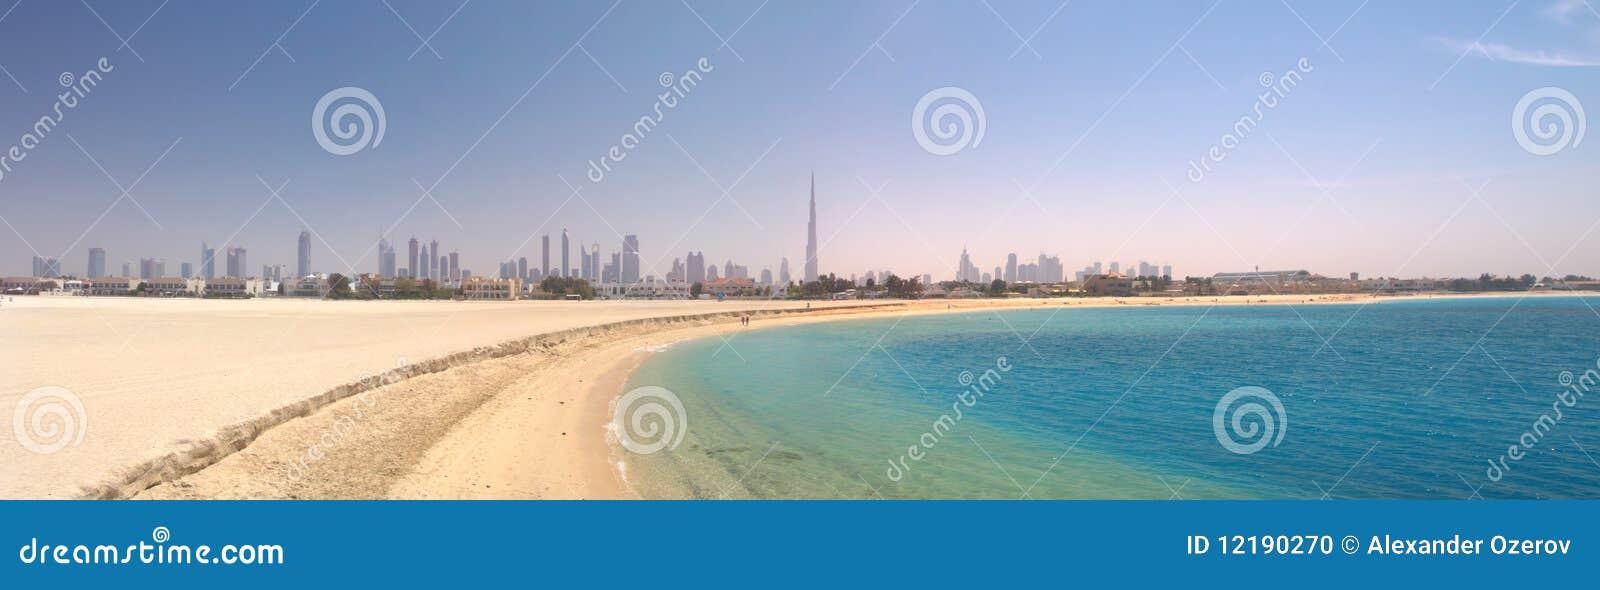 Plażowy piękny Dubai panoramy morze